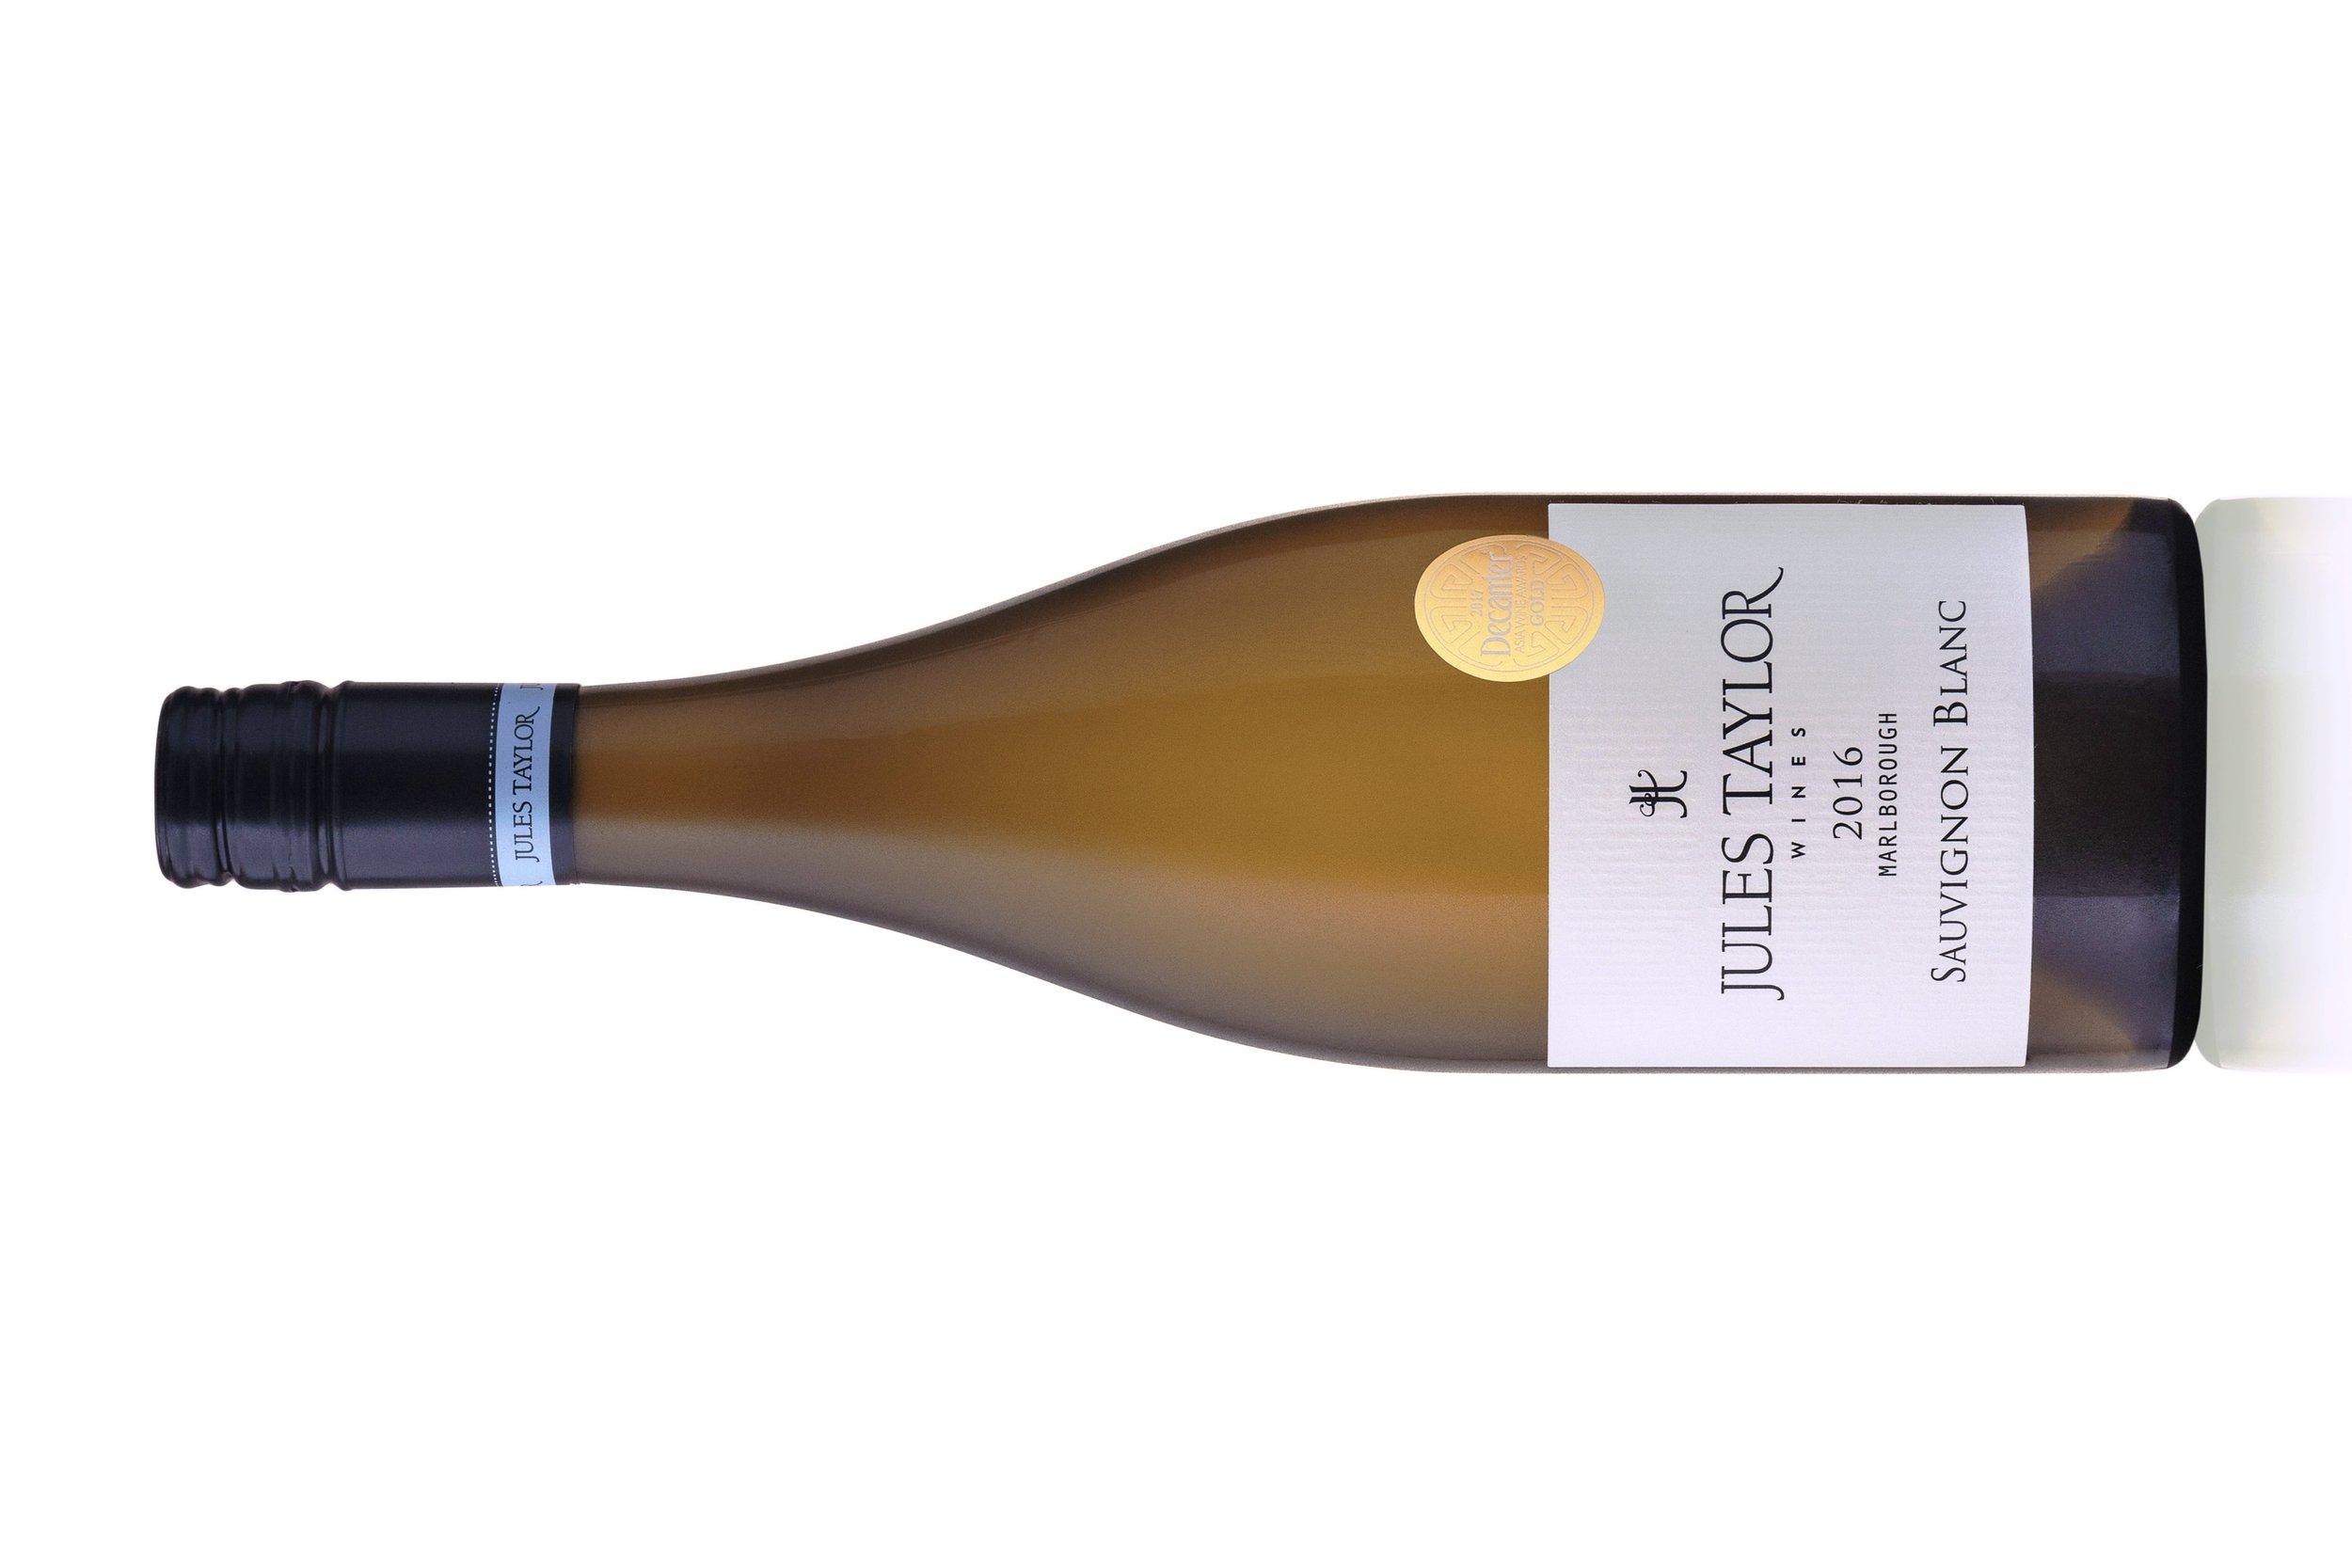 ジュルズテイラー  ソーヴィニヨン・ブラン   |   JULES TAYLOR WINES SAUVIGNON BLANC  マールボロアワテレ&ワイラウヴァレー、ホークスベリー  ¥2,360, 2018, 750ml 13.0%  RS. 1.1 g/L, pH. 3.22 TA. 7.22 g/L ,    90 Points, Wine Advocate.    Jules Taylor's 2018 Sauvignon Blanc seems to capture the sunny, tropical-fruited side of Marlborough in its hints of mango and gooseberries, then balances that with just a tiny bit of Awatere leafiness and acid spine. It's medium bodied and plump, with decent length and broad-based appeal.   James Suckling 90 points   A nicely crafted texture here, supporting a riot of passion-fruit aromas and flavors. This has some good polish in 2018  ホワイトグレープフルーツとマクルートライムの葉の風味はクリアで強さがあり、フィニッシュには素晴らしい酸味と新鮮な刈られたばかりの芝生のノートがあります。 飲み頃です。     詳しく     This Sauvignon Blanc captures the true essence of Marlborough. Aromas leap out of the glass in an explosion of passionfruit, grapefruit, white fleshed nectarines and notes of nettle and jalapeño pepper. The palate shows concentrated flavours of citrus, passionfruit and lemon grass. It has a nice texture with a firm backbone of juicy acidity.